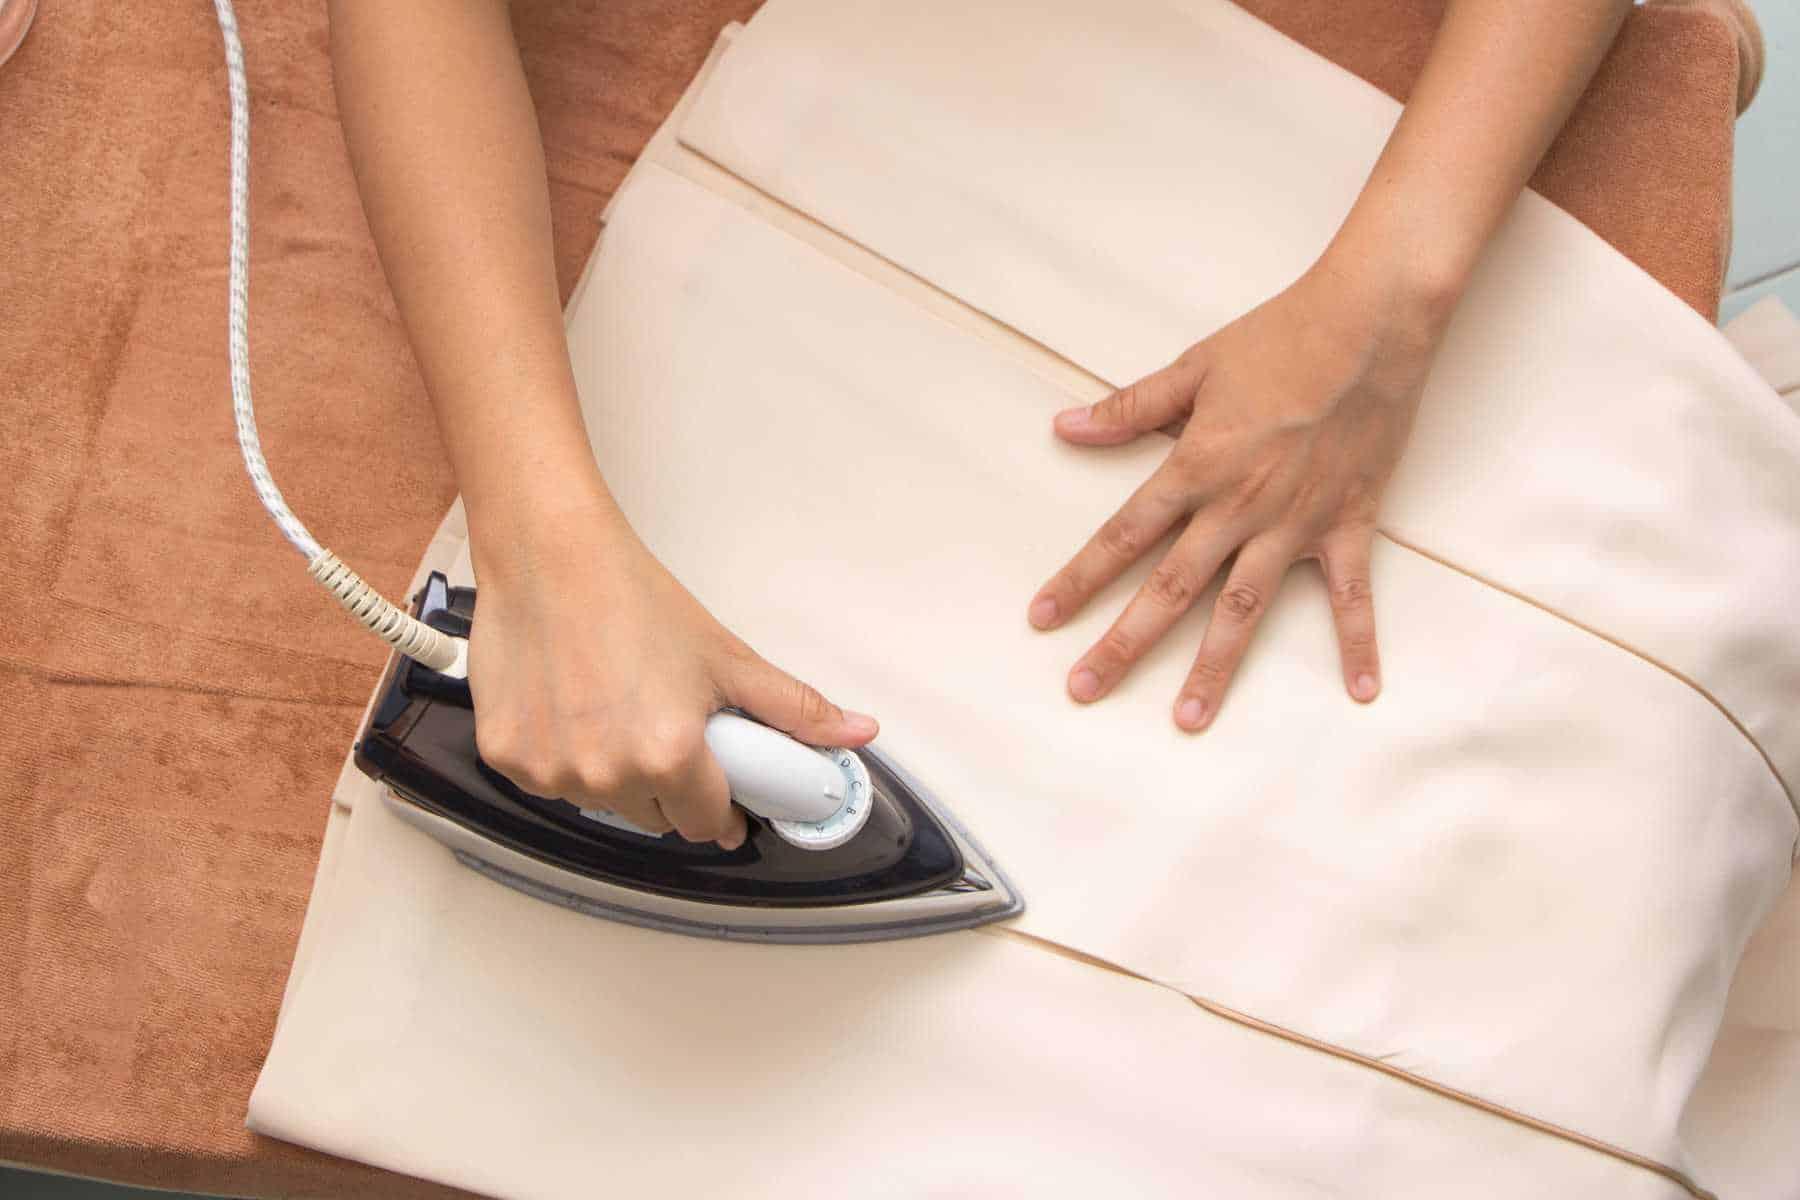 Vải thô cứng cũng chịu thua trước 3 cách làm mềm vải sau